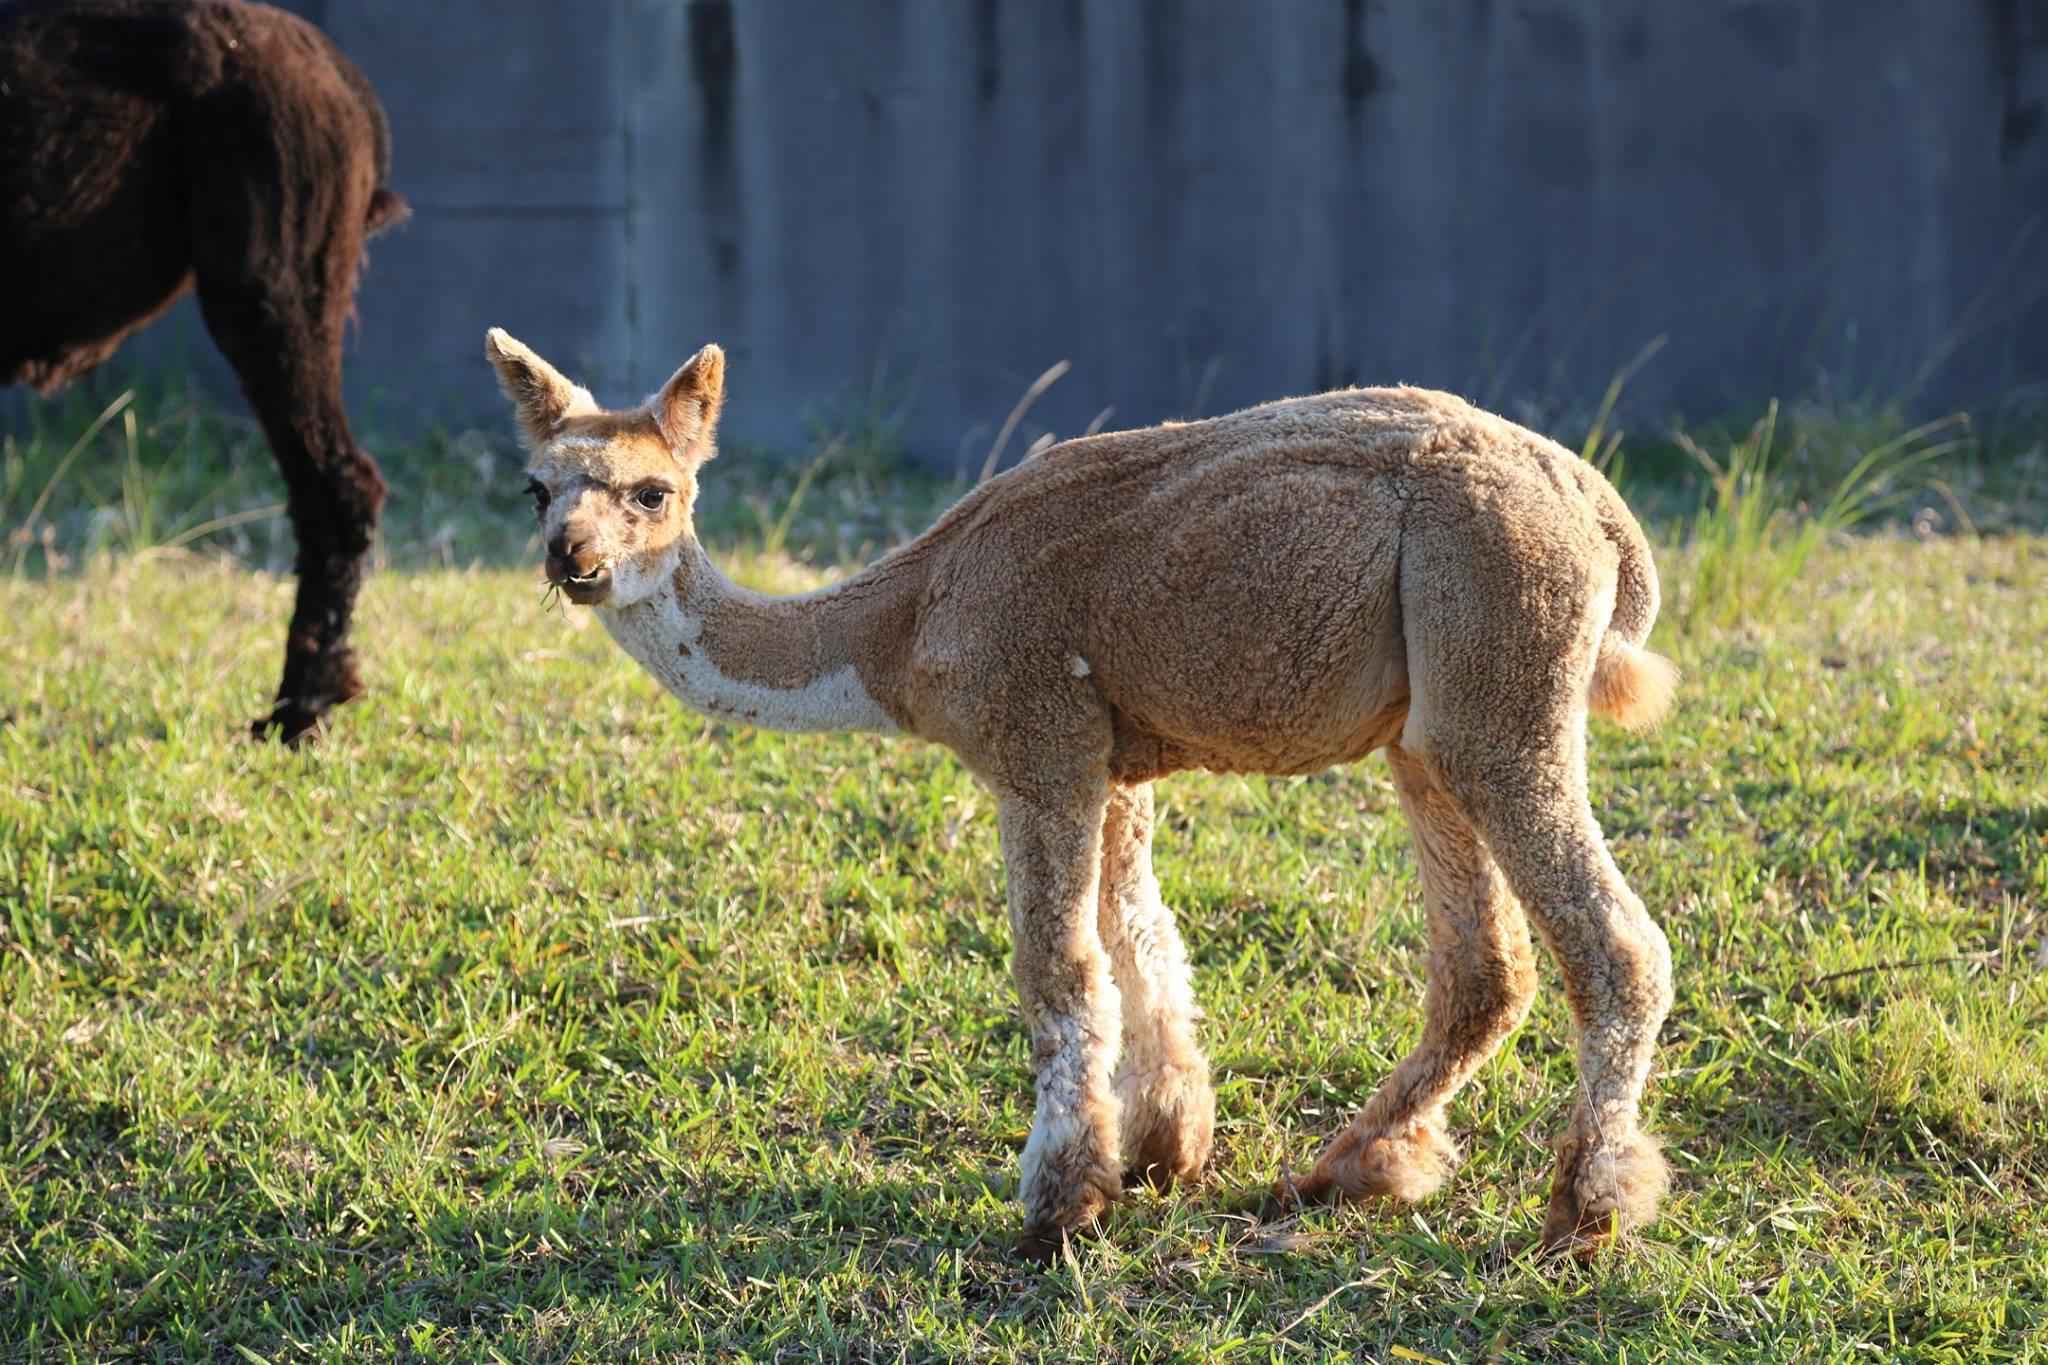 One of our baby alpacas born on the farm